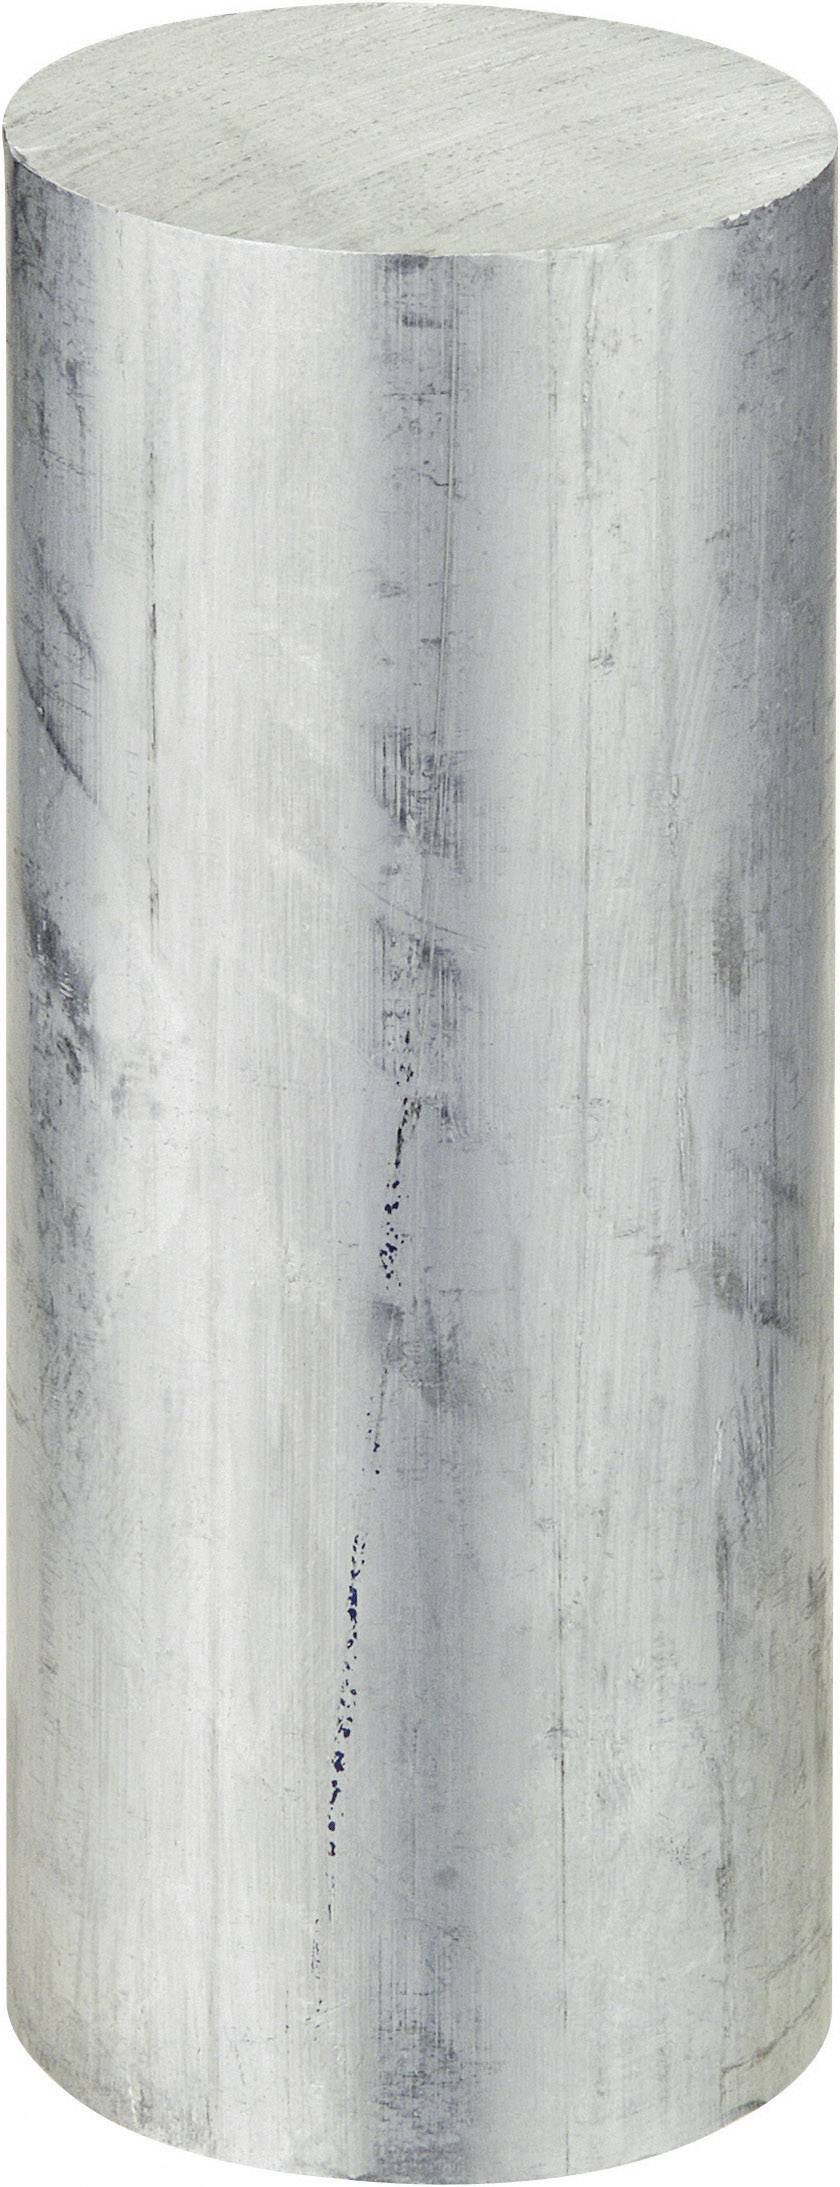 Guľatý profil Reely 237278, (Ø x d) 6 mm x 500 mm, hliník